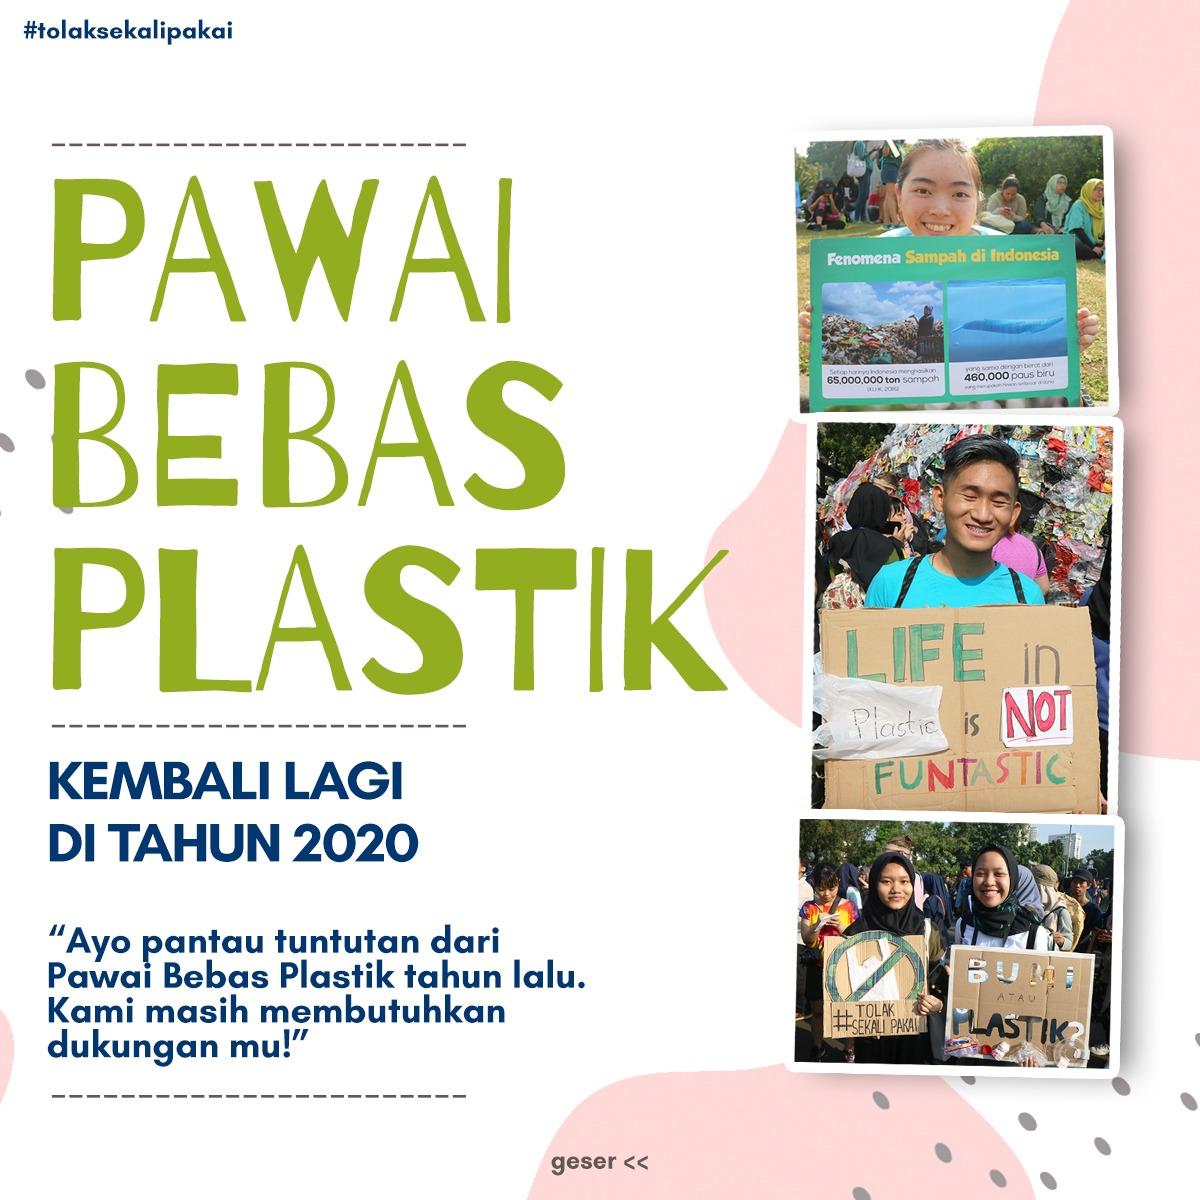 Pawai Bebas Plastik Hadir Kembali: Lebih dari 60 Komunitas dan Organisasi se-Indonesia Menyerukan Kembali Pengurangan Plastik Sekali Pakai di tengah pandemi